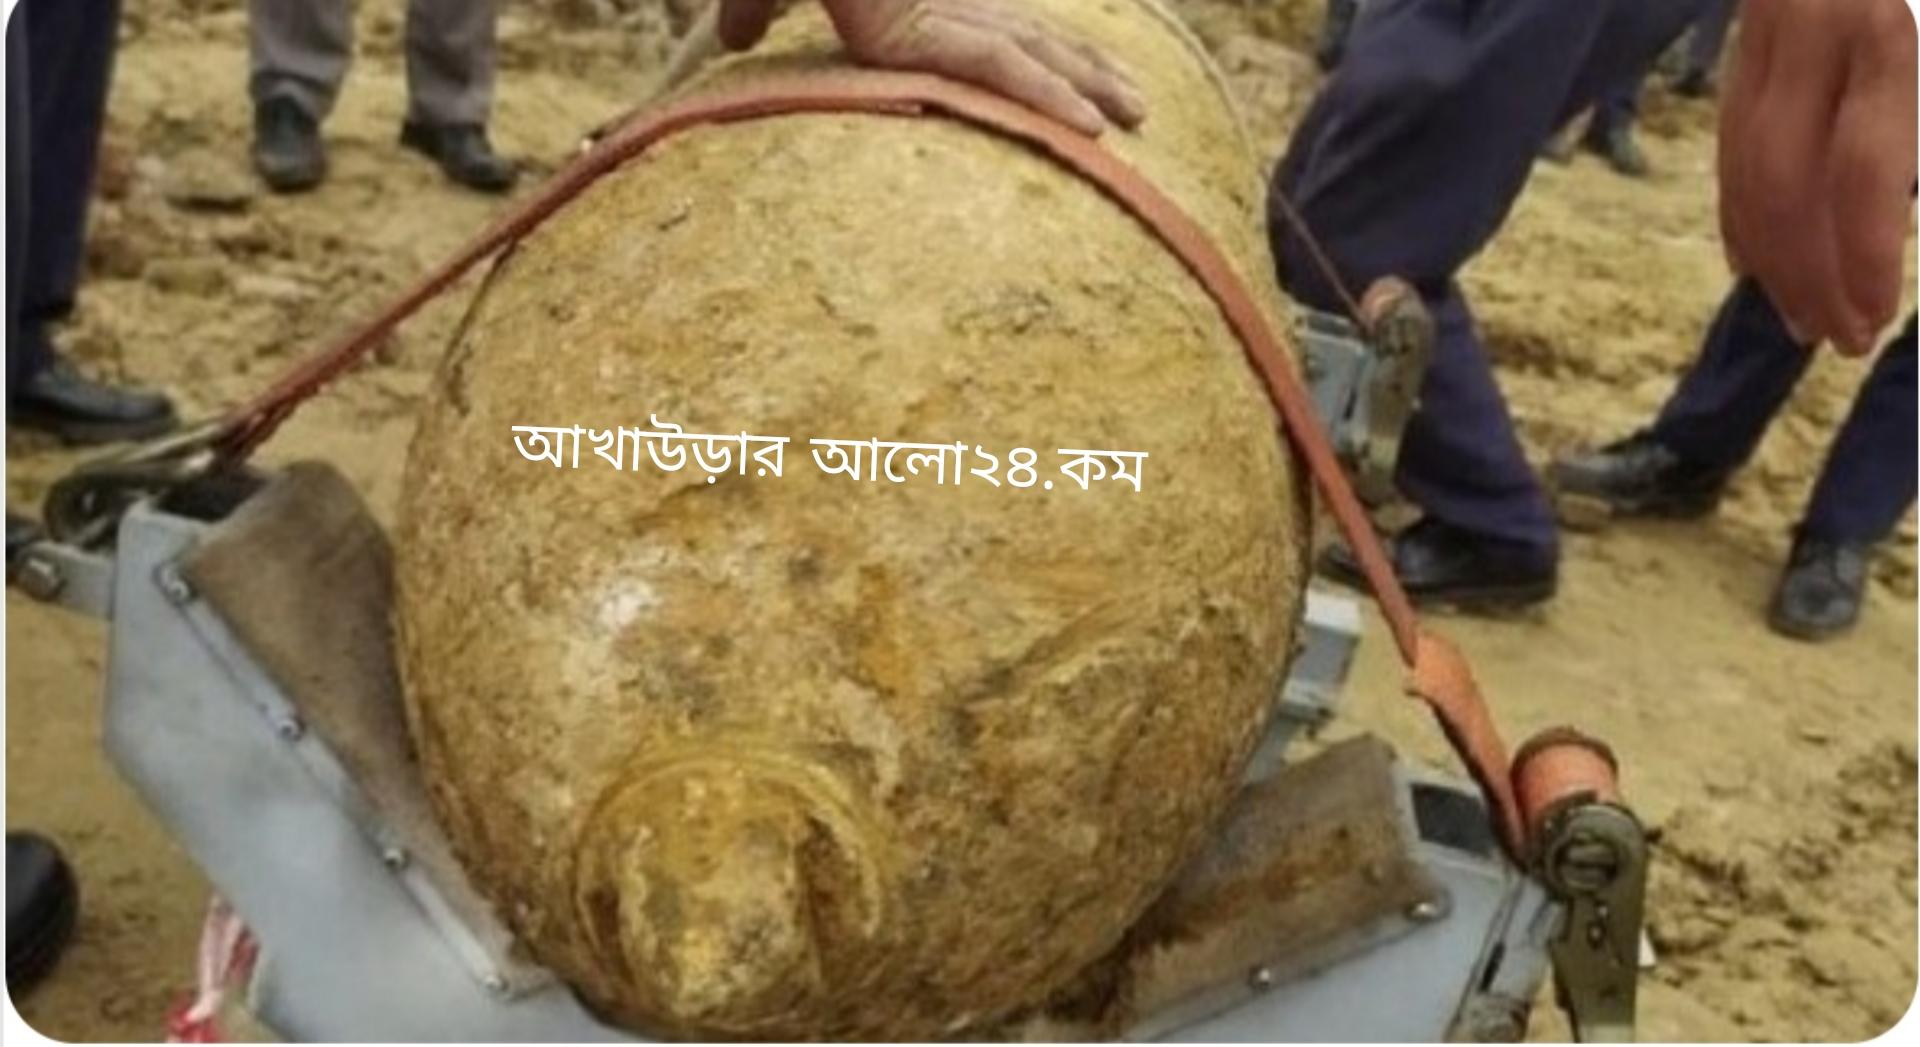 শাহজালাল আন্তর্জাতিক বিমানবন্দর থেকে বোমা উদ্ধার